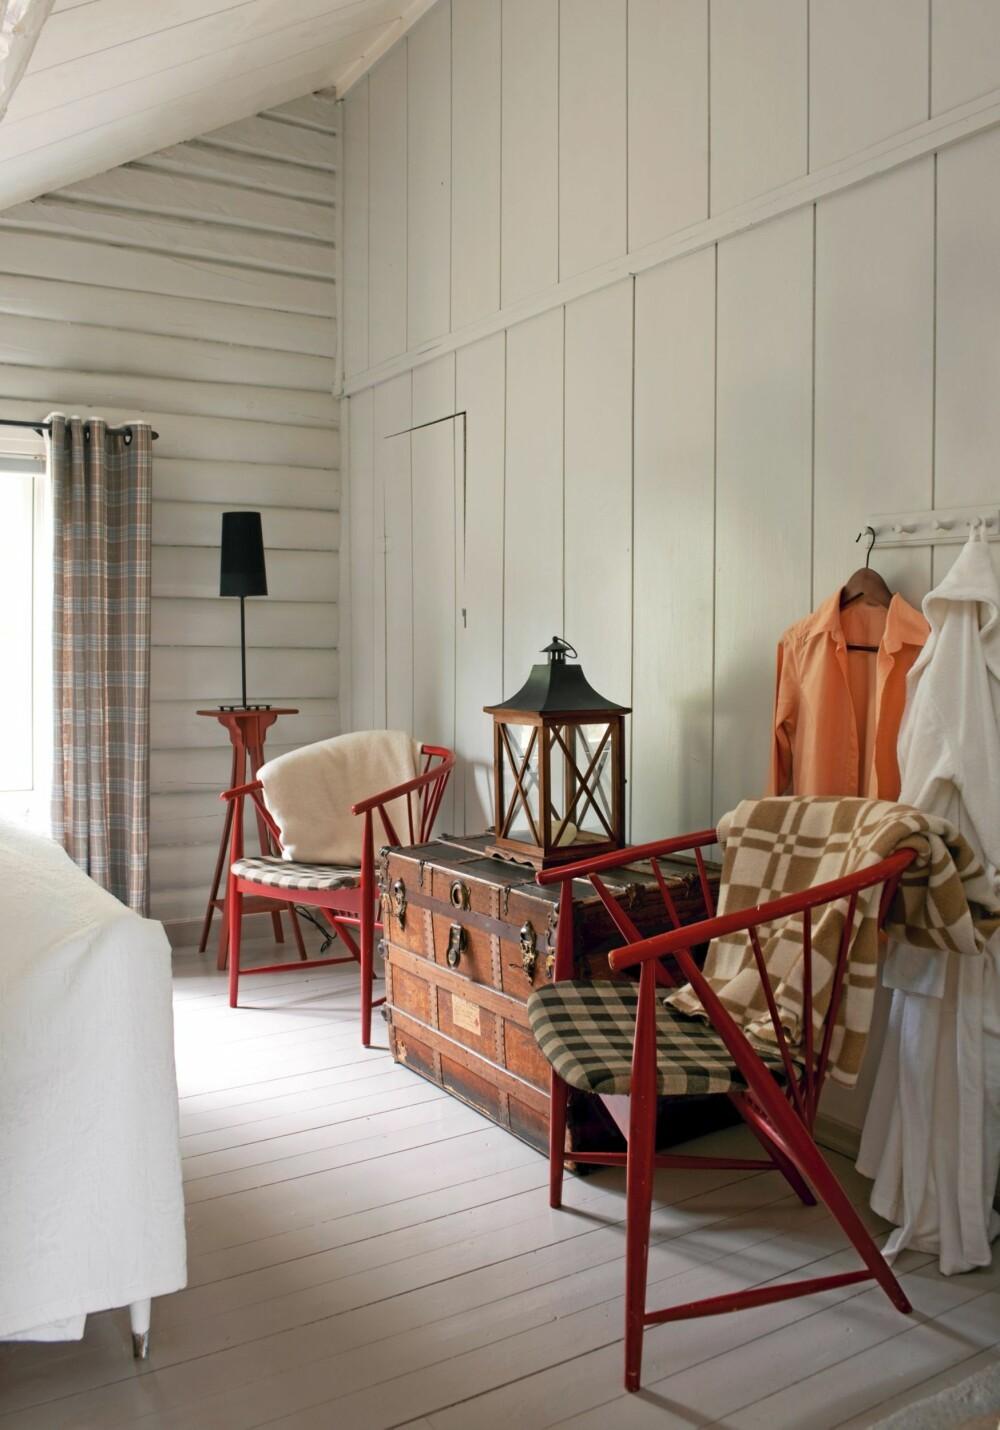 FARGEKLATTER: Seberg malte de gamle, elegante pinnestolene ved sengen i hovedsoverommet i annen etasje i en rød aksentfarge. Den er en fin kontrast til alt det hvite ellers i rommet.